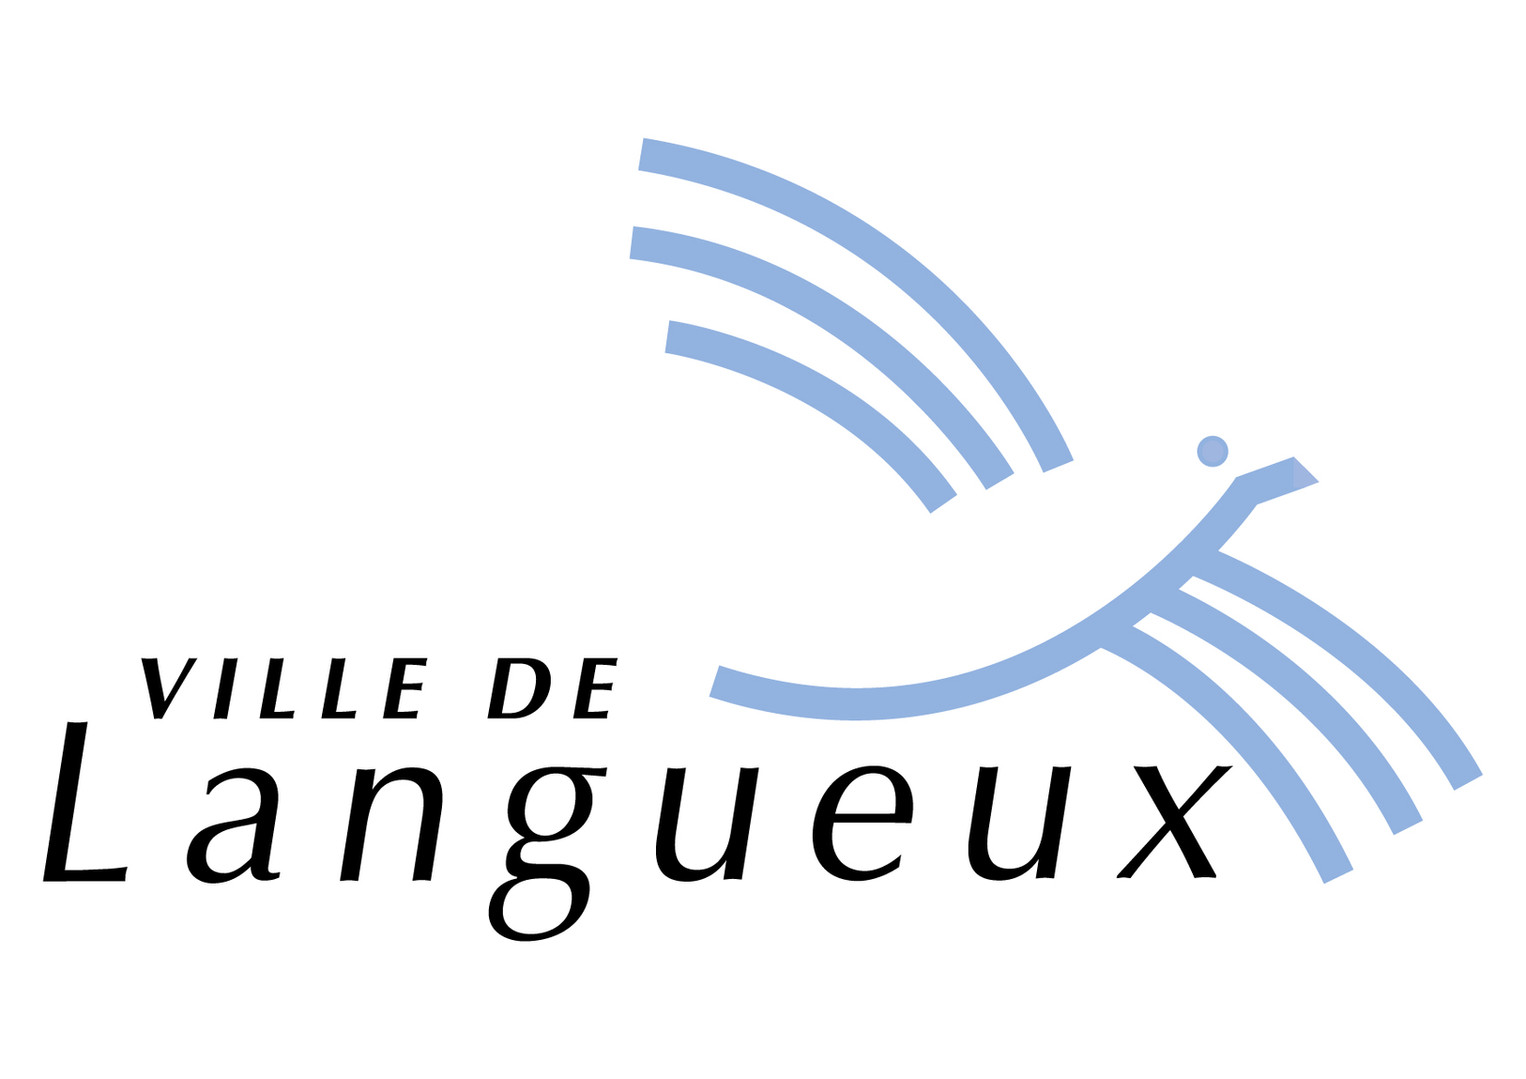 Ville de Langueux_Plan de travail 1.jpg